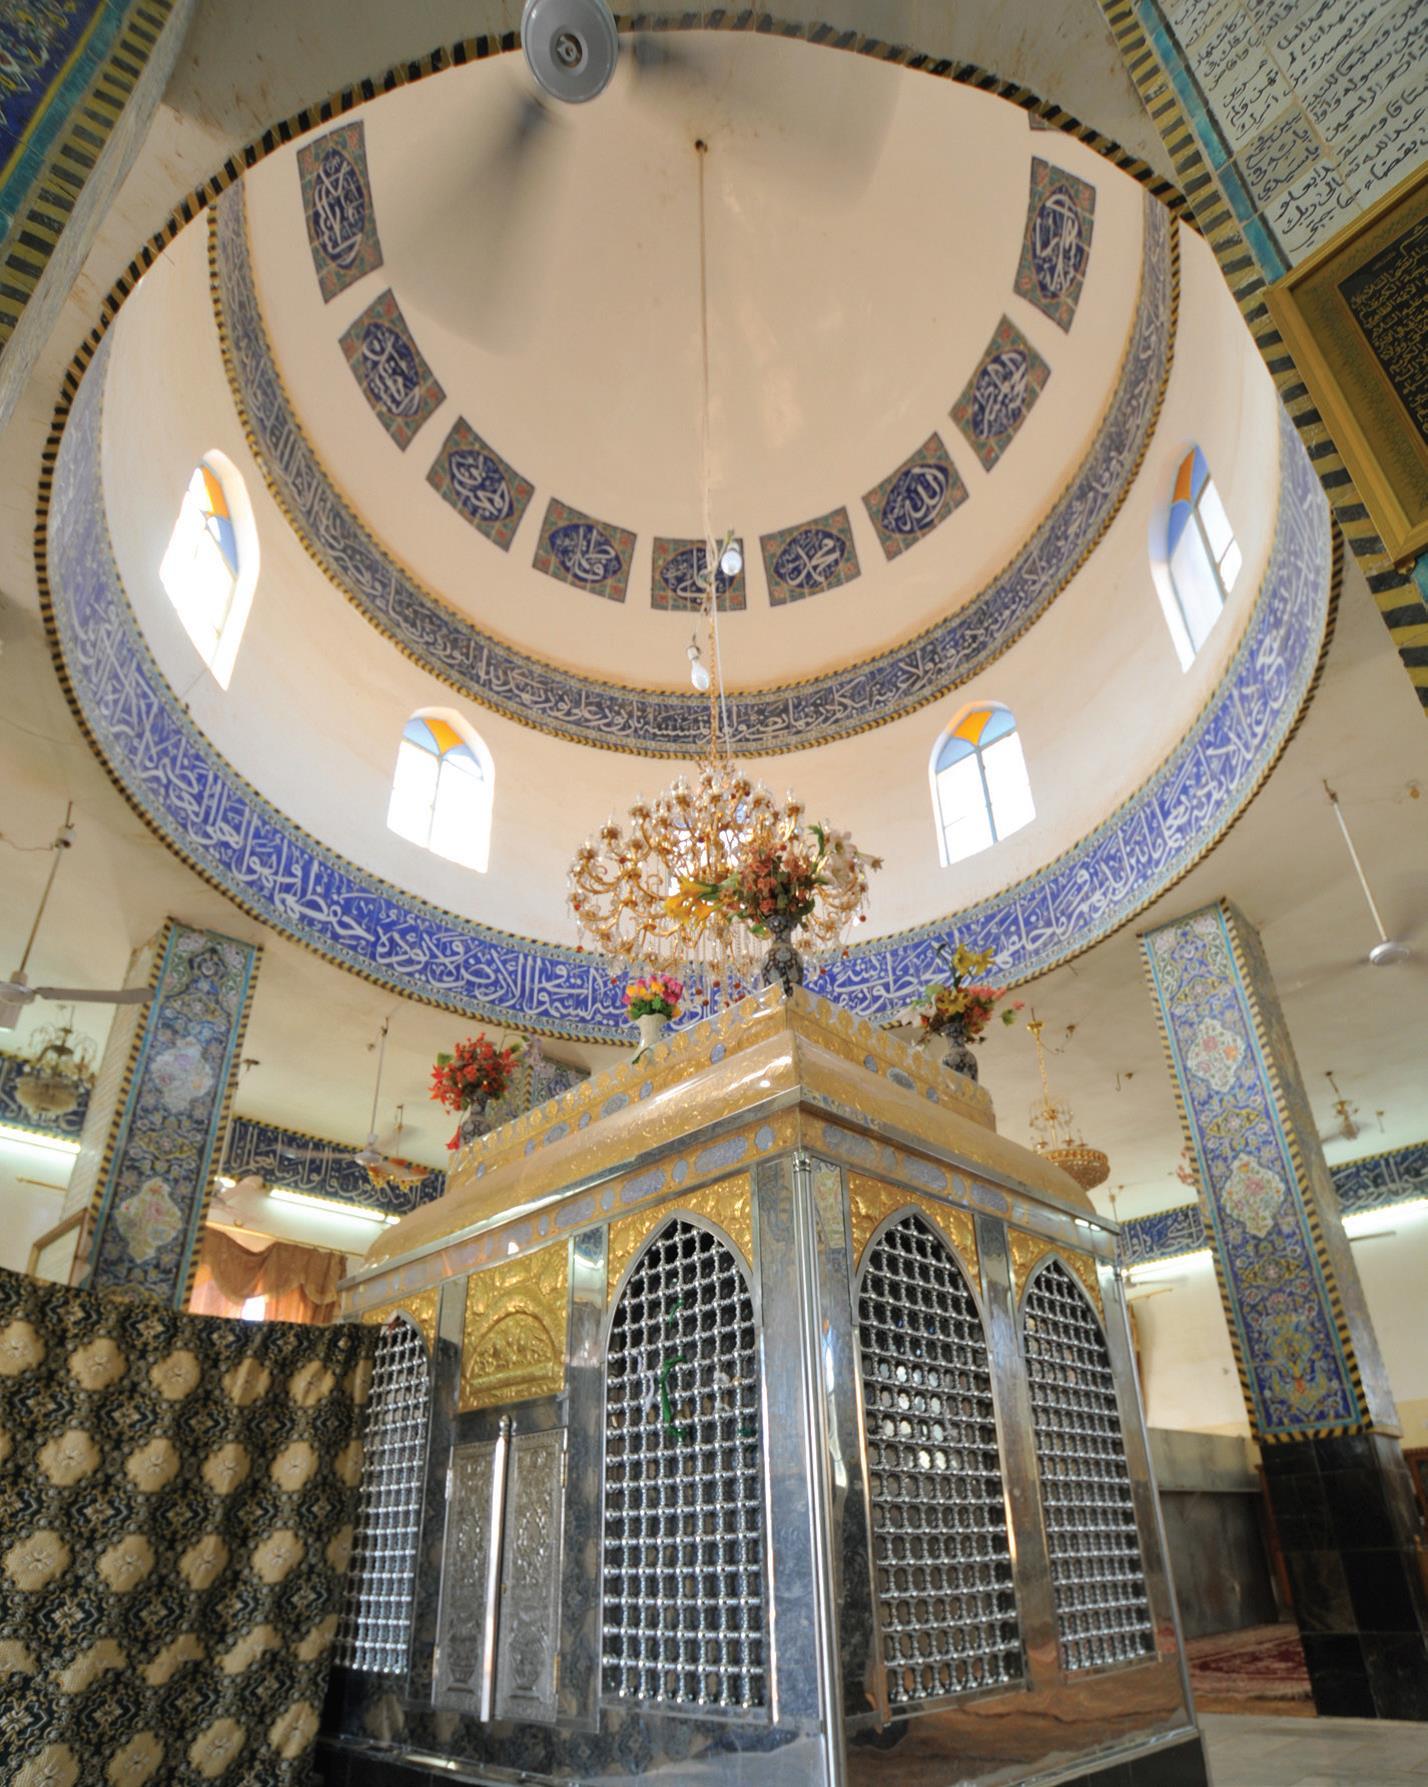 Ain al-Tamur à Karbala .. Ville touristique et archéologique